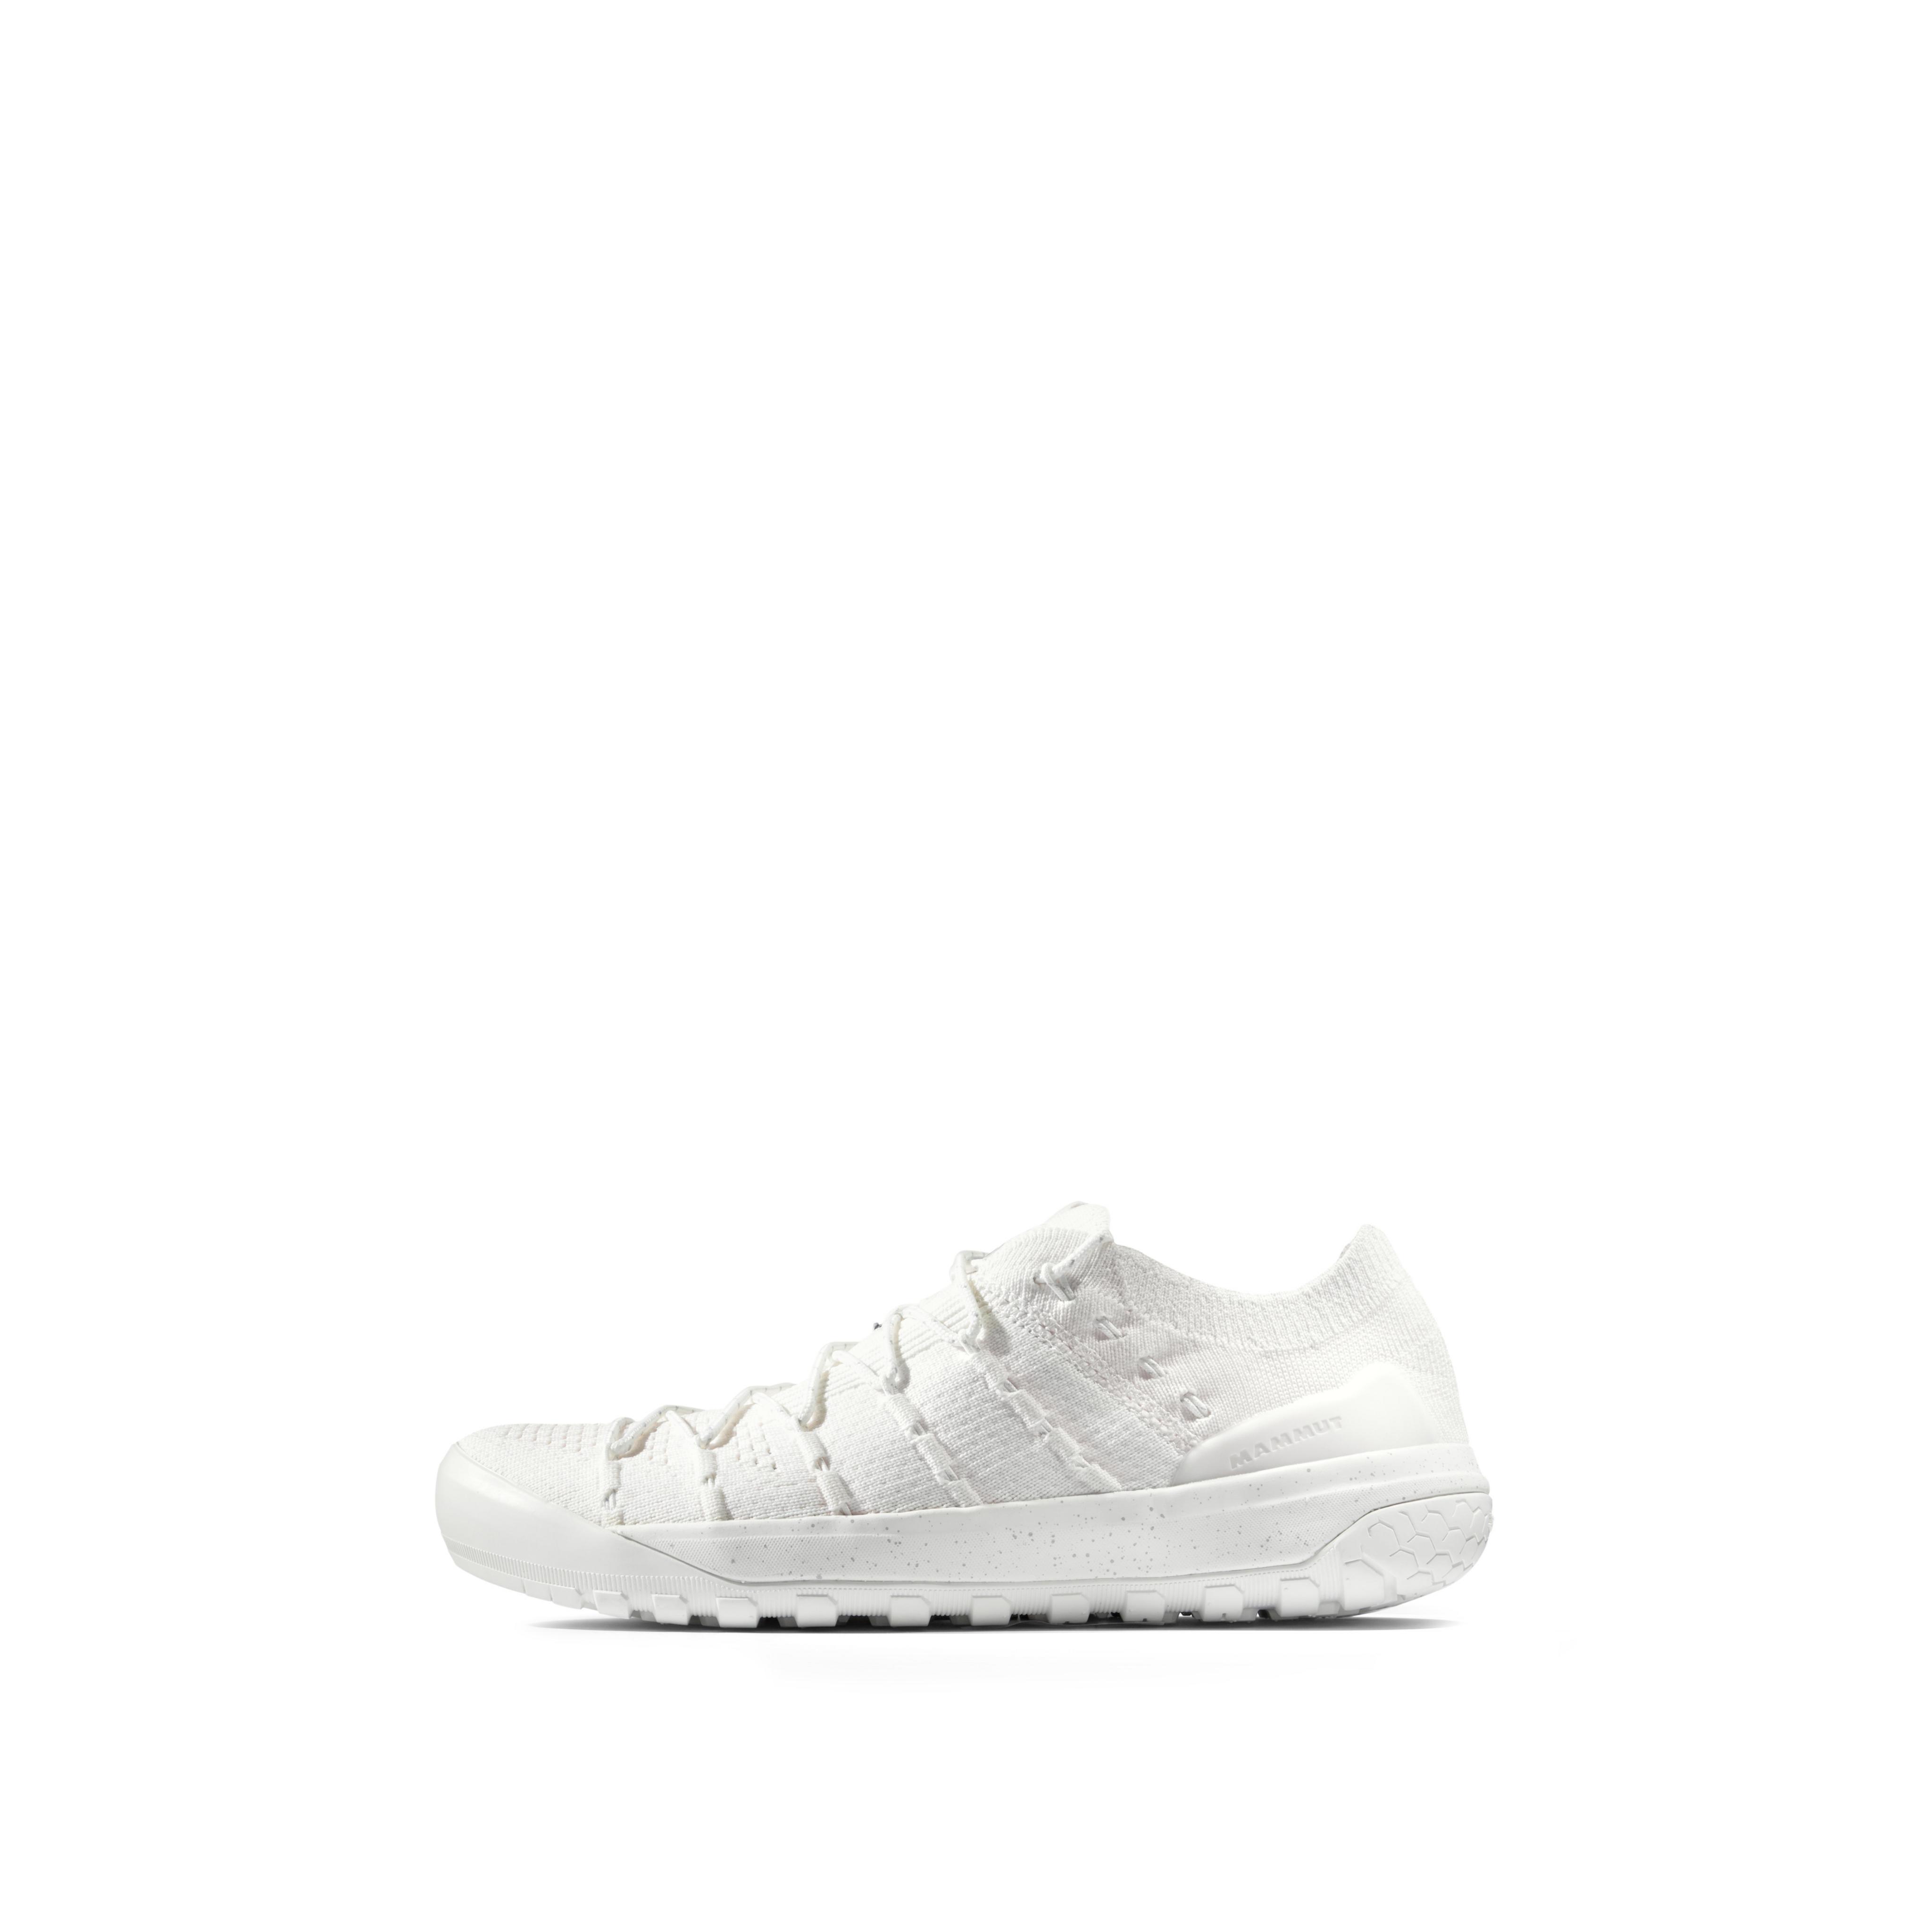 Hueco Knit Low Women - bright white, UK 3.5 thumbnail